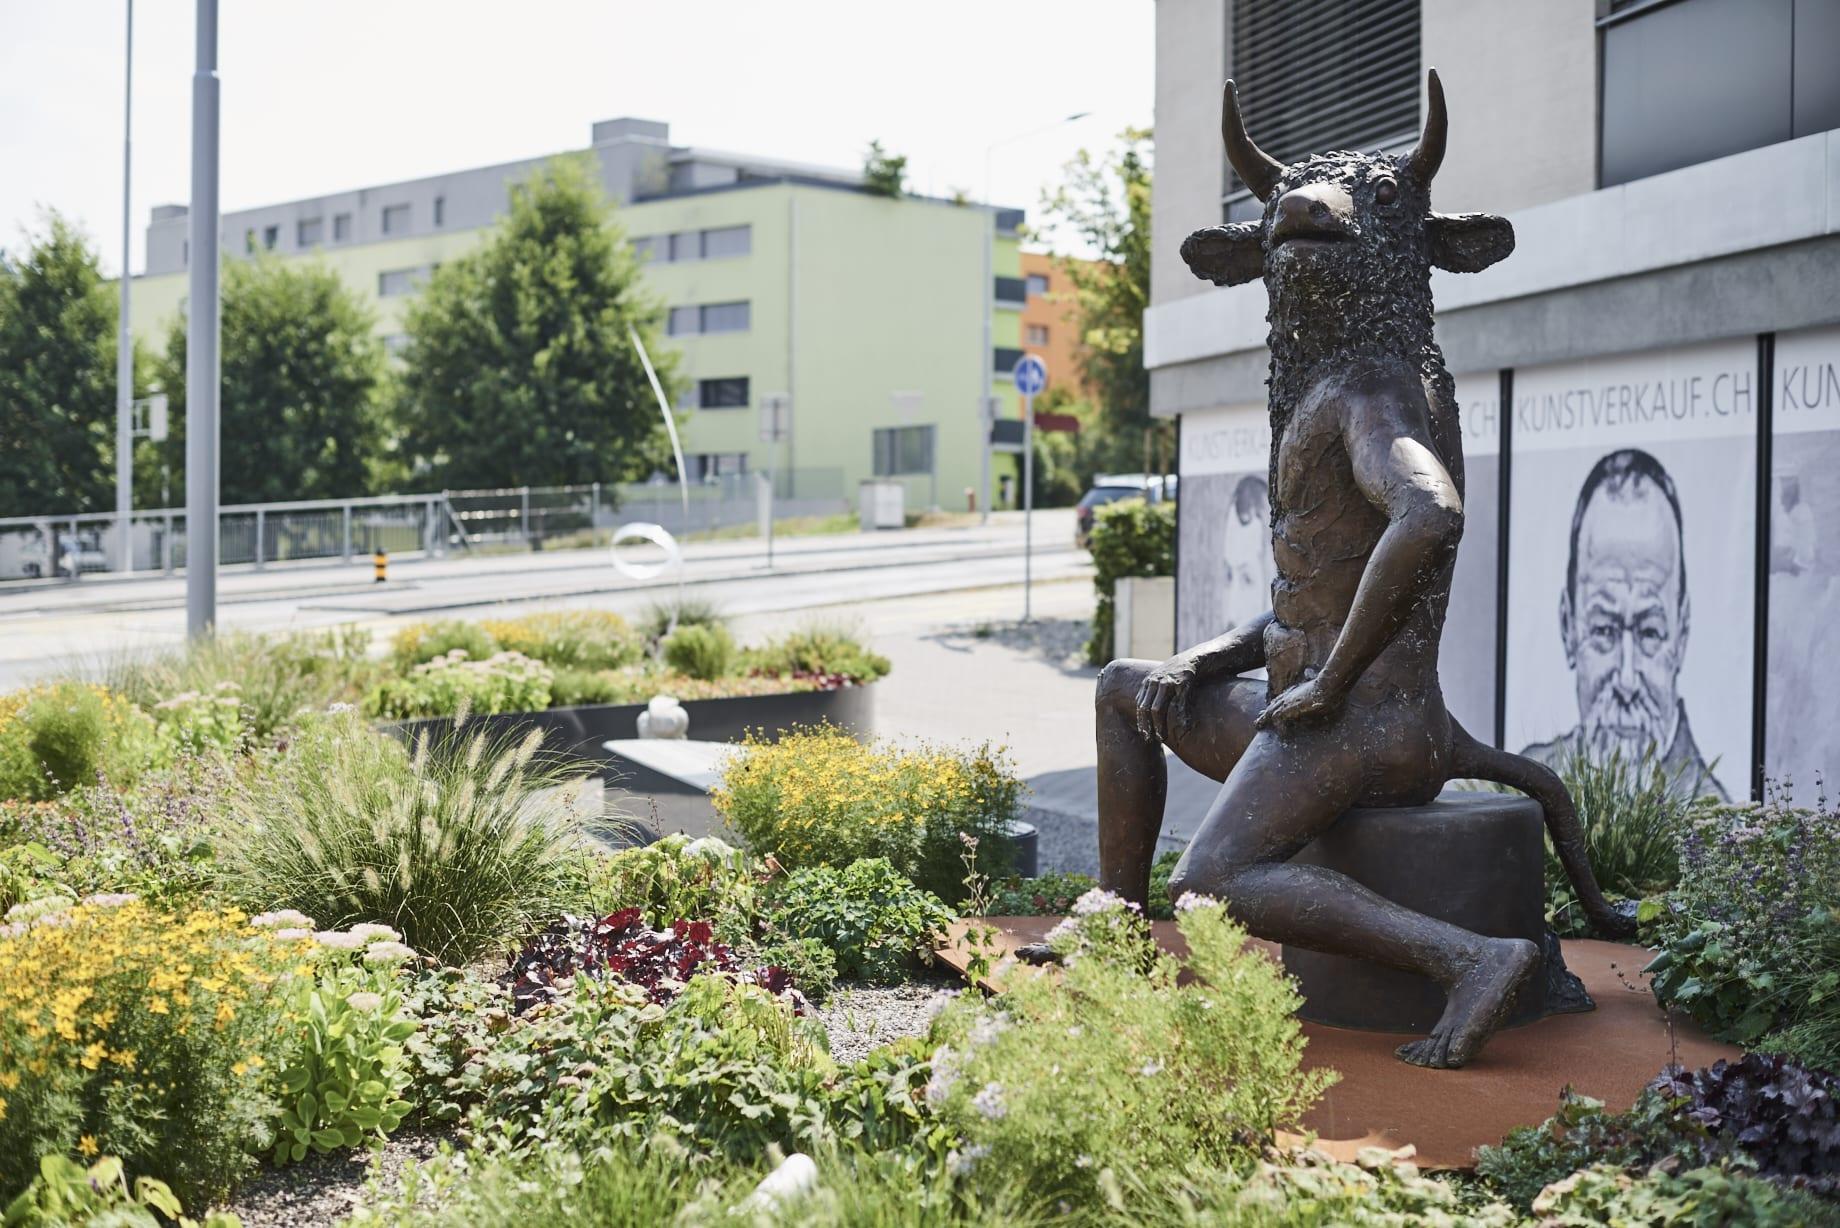 Umgebung Kunstverkauf Sursee, Luzern, Foto Umgebungsgestaltung, LAND SCHAFFT Landschaftsarchitektur Sursee / Luzern